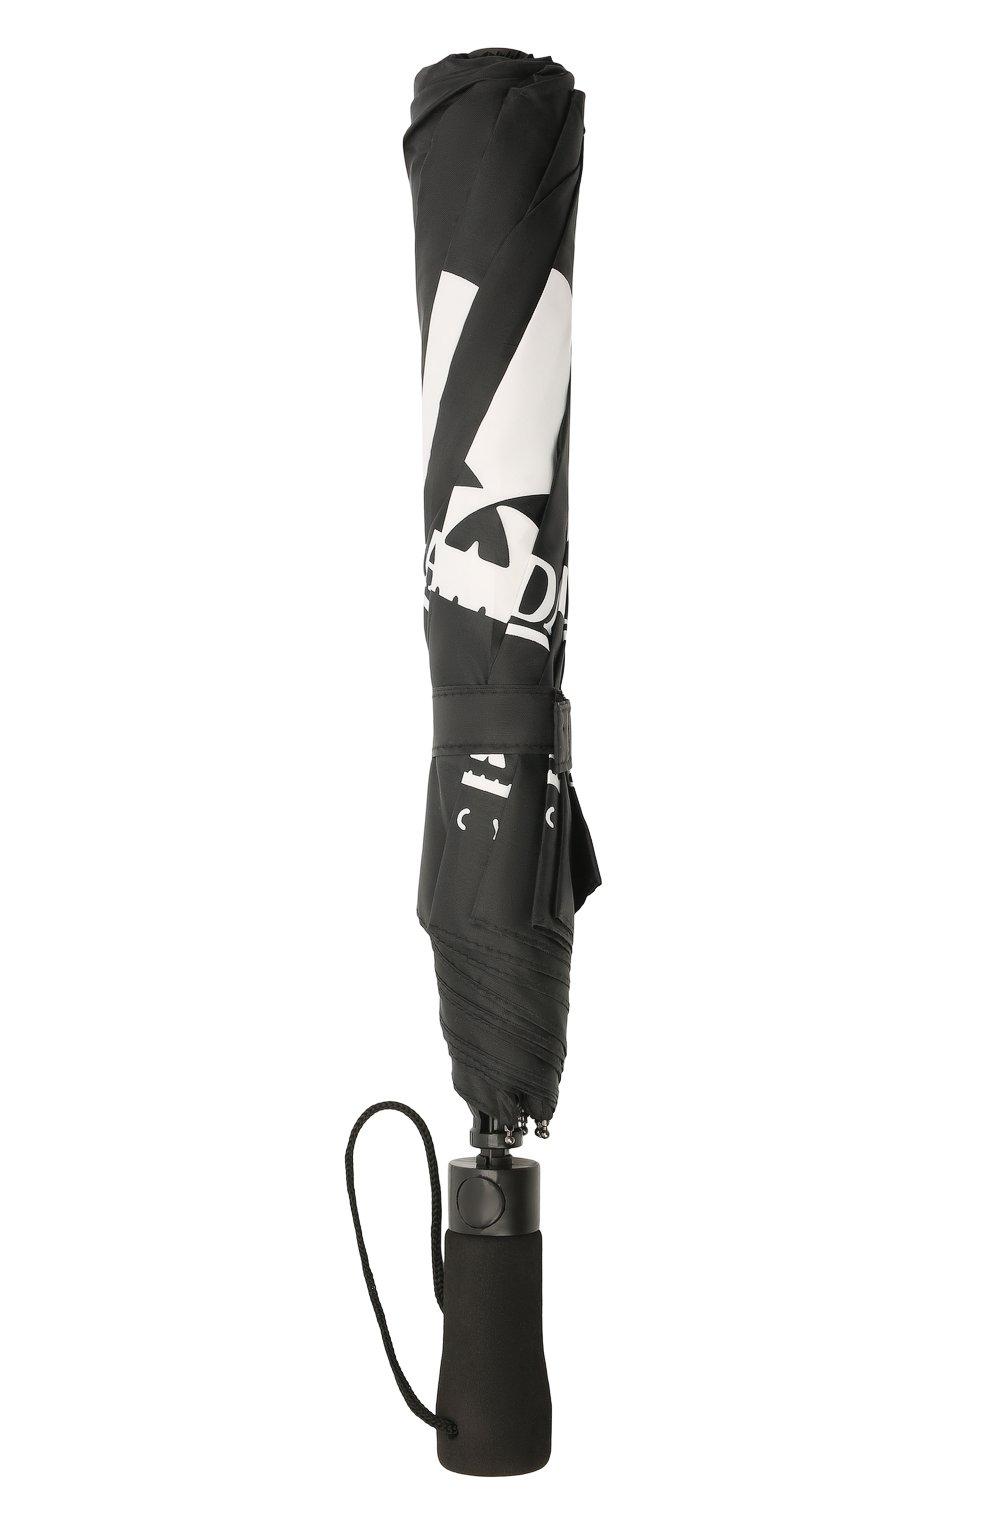 Мужской складной зонт HARLEY-DAVIDSON черного цвета, арт. UMB119988   Фото 4 (Материал: Текстиль)